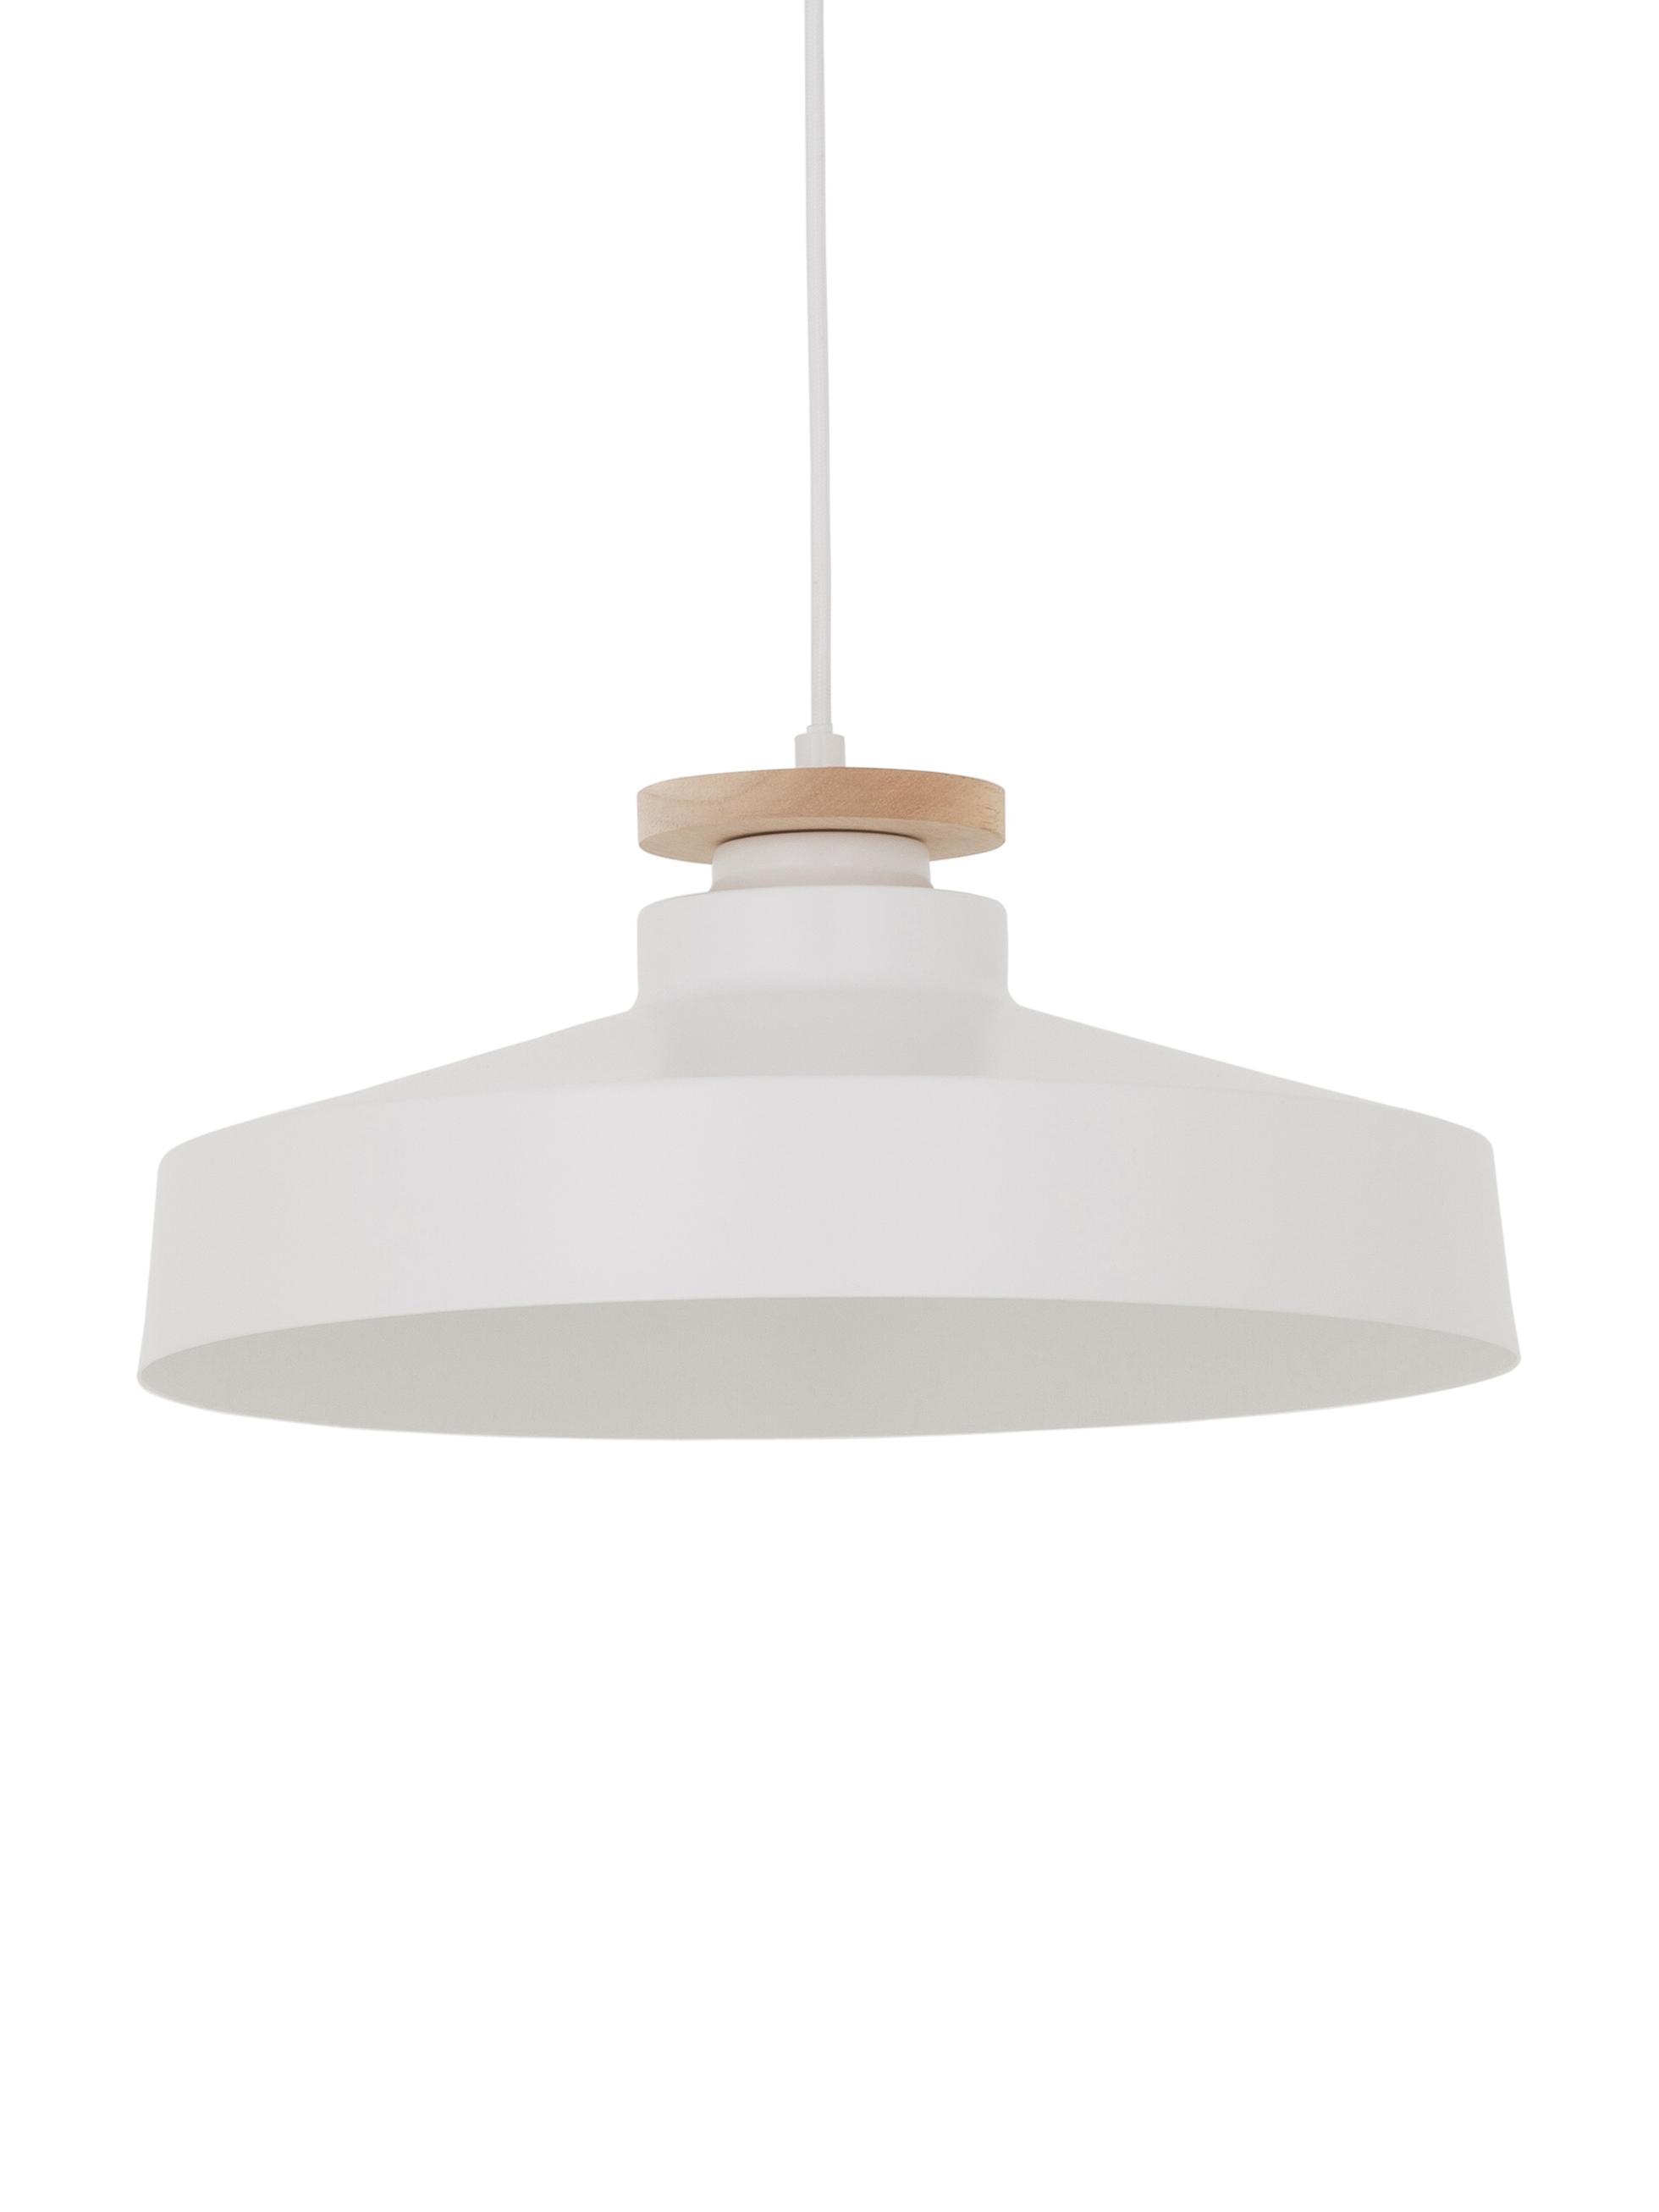 Skandi-Pendelleuchte Malm, Lampenschirm: Metall, Holz, Baldachin: Metall, Weiss, Ø 40 x H 20 cm